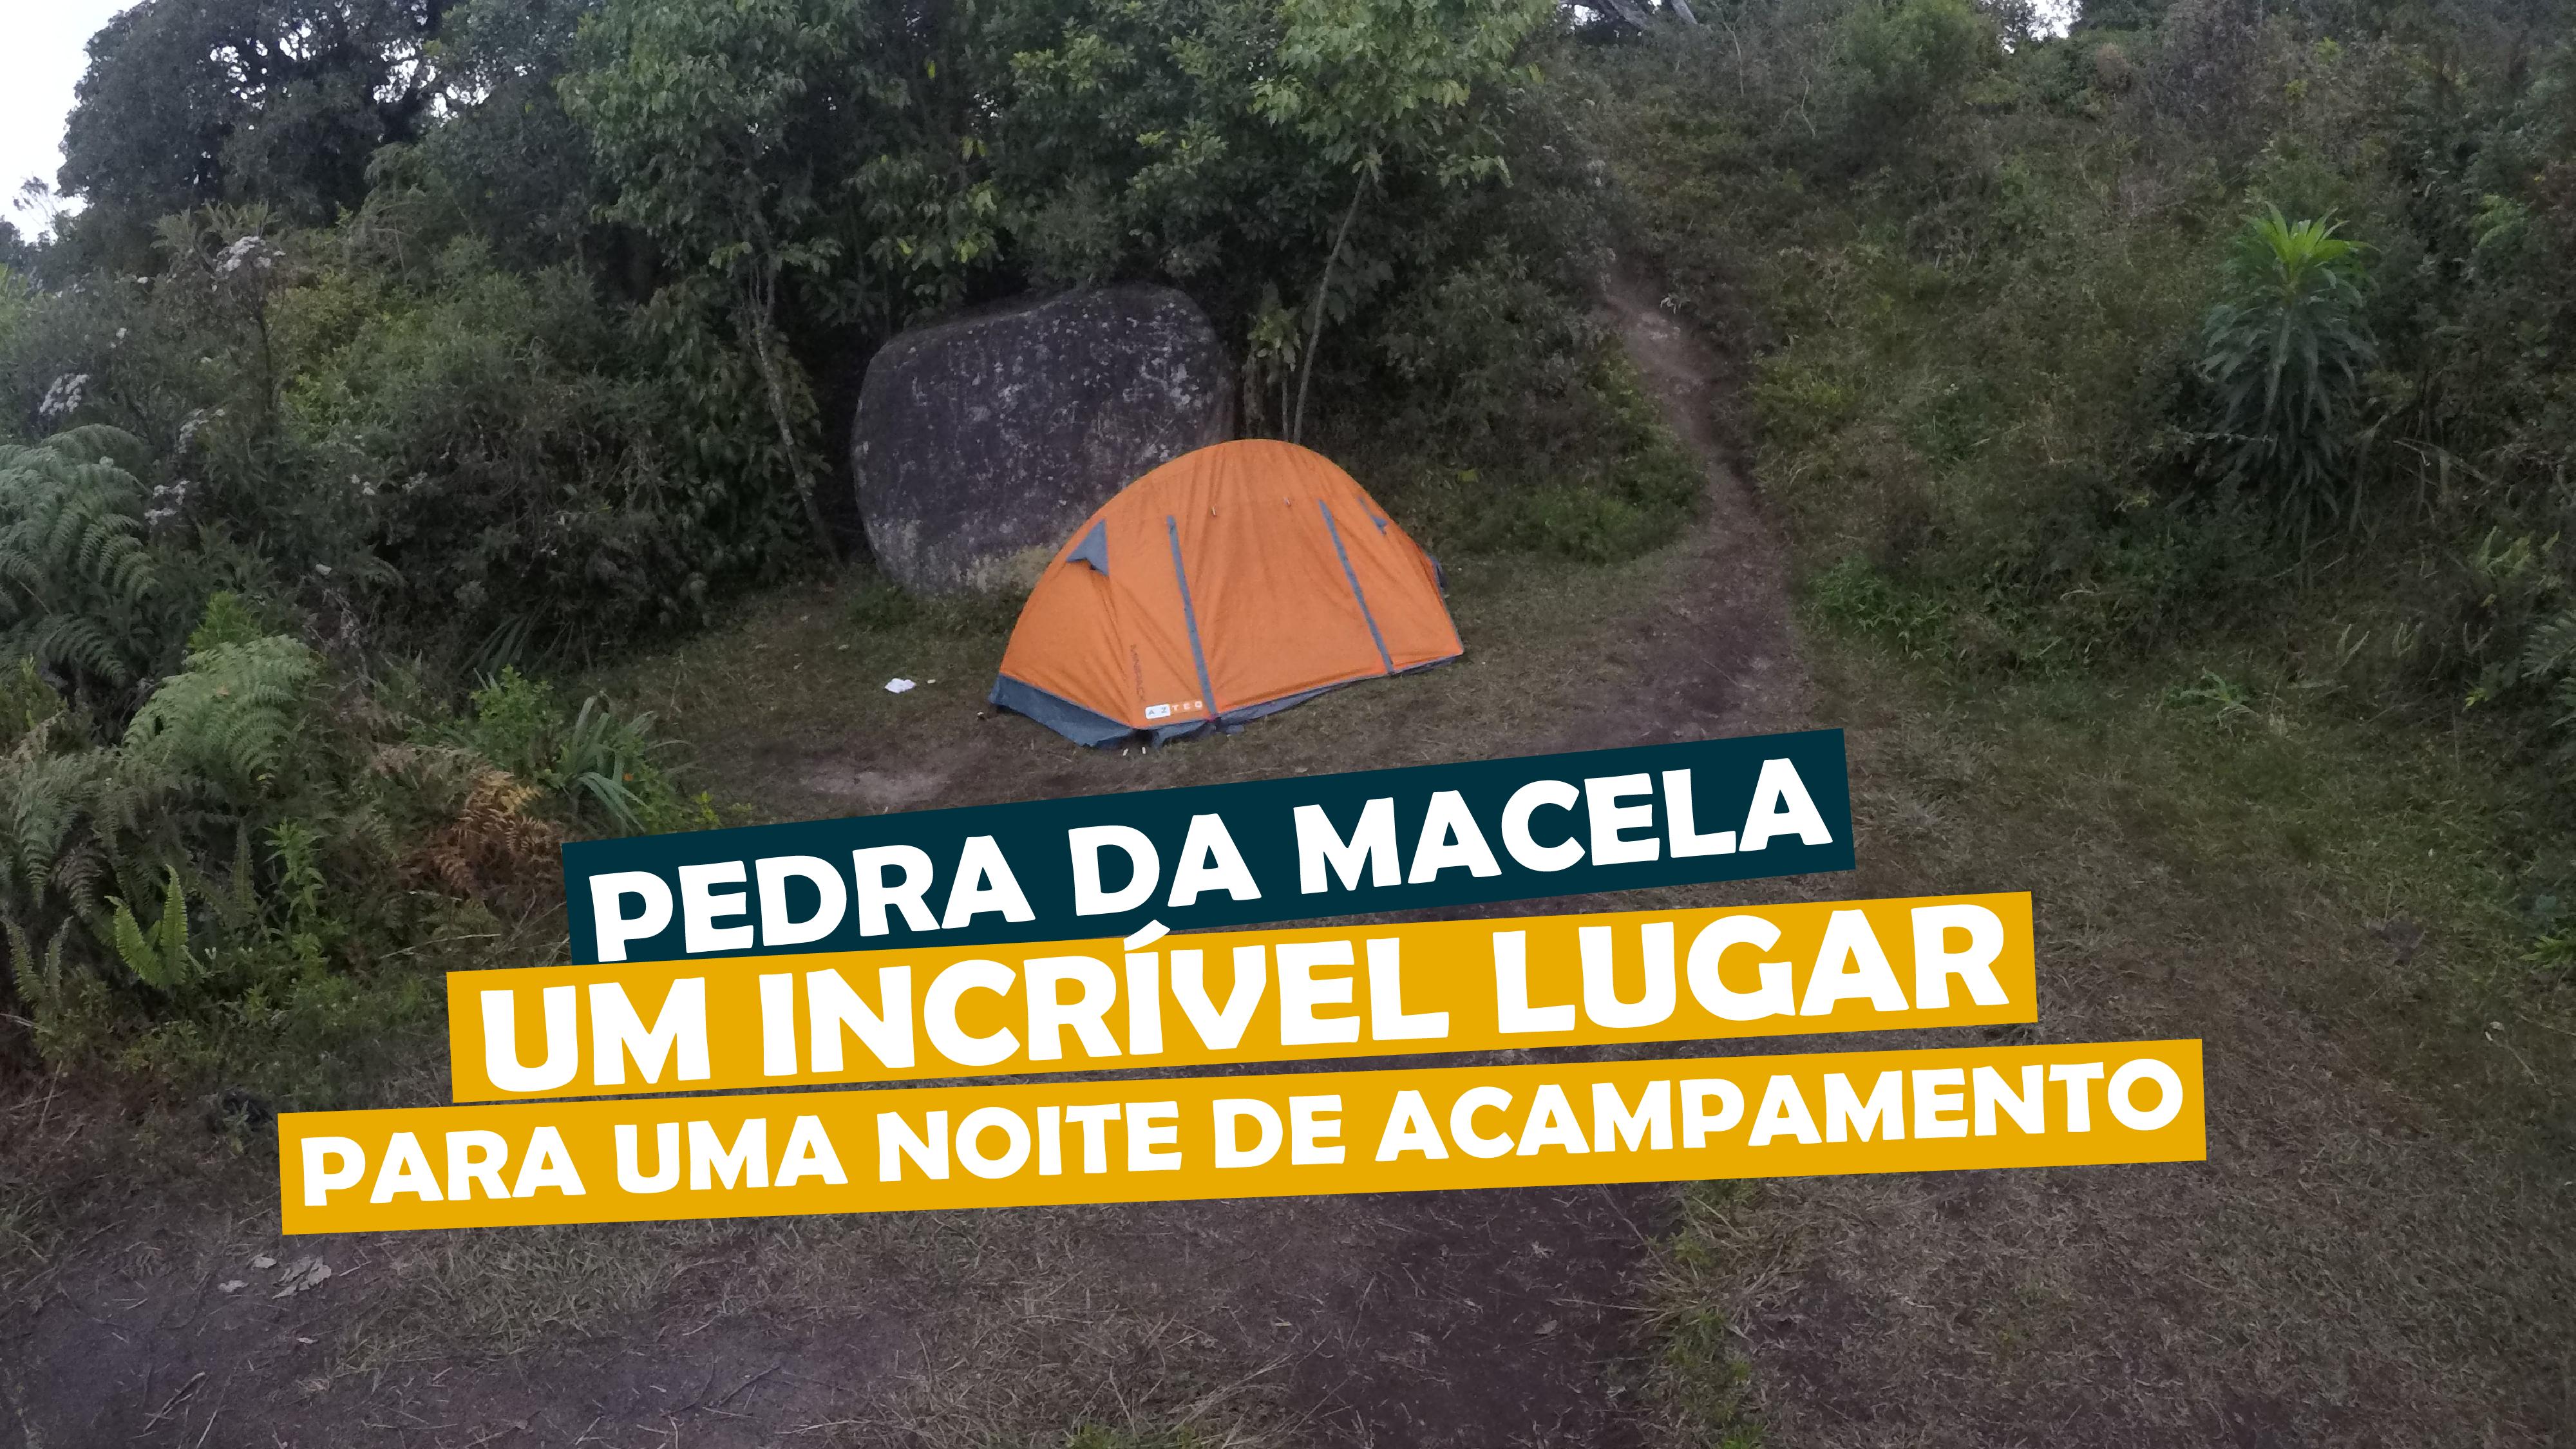 You are currently viewing Pedra da Macela, um incrível lugar para uma noite de acampamento